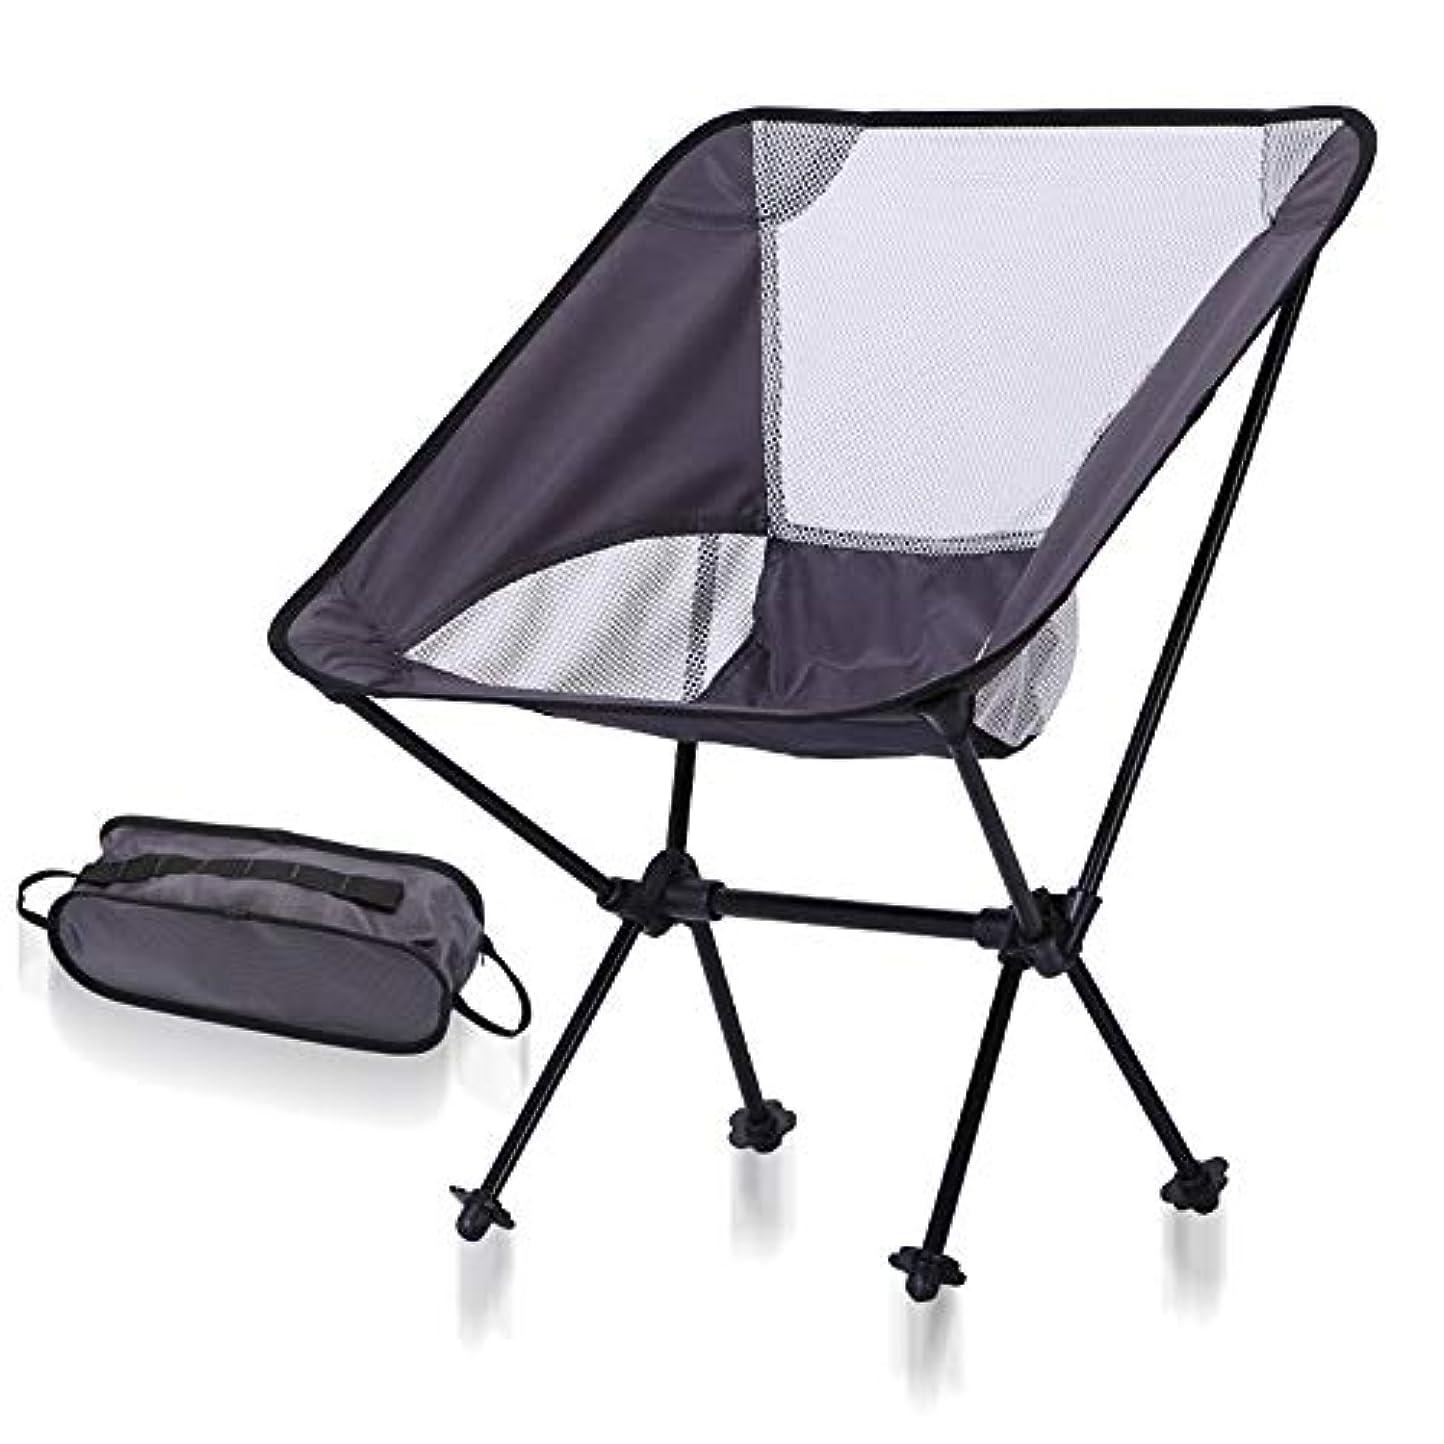 副目覚める漏斗Bycws大人用キャンプチェア、ビーチチェアポータブル、軽量折りたたみ式バックパッキングチェア付きキャリーバッグ